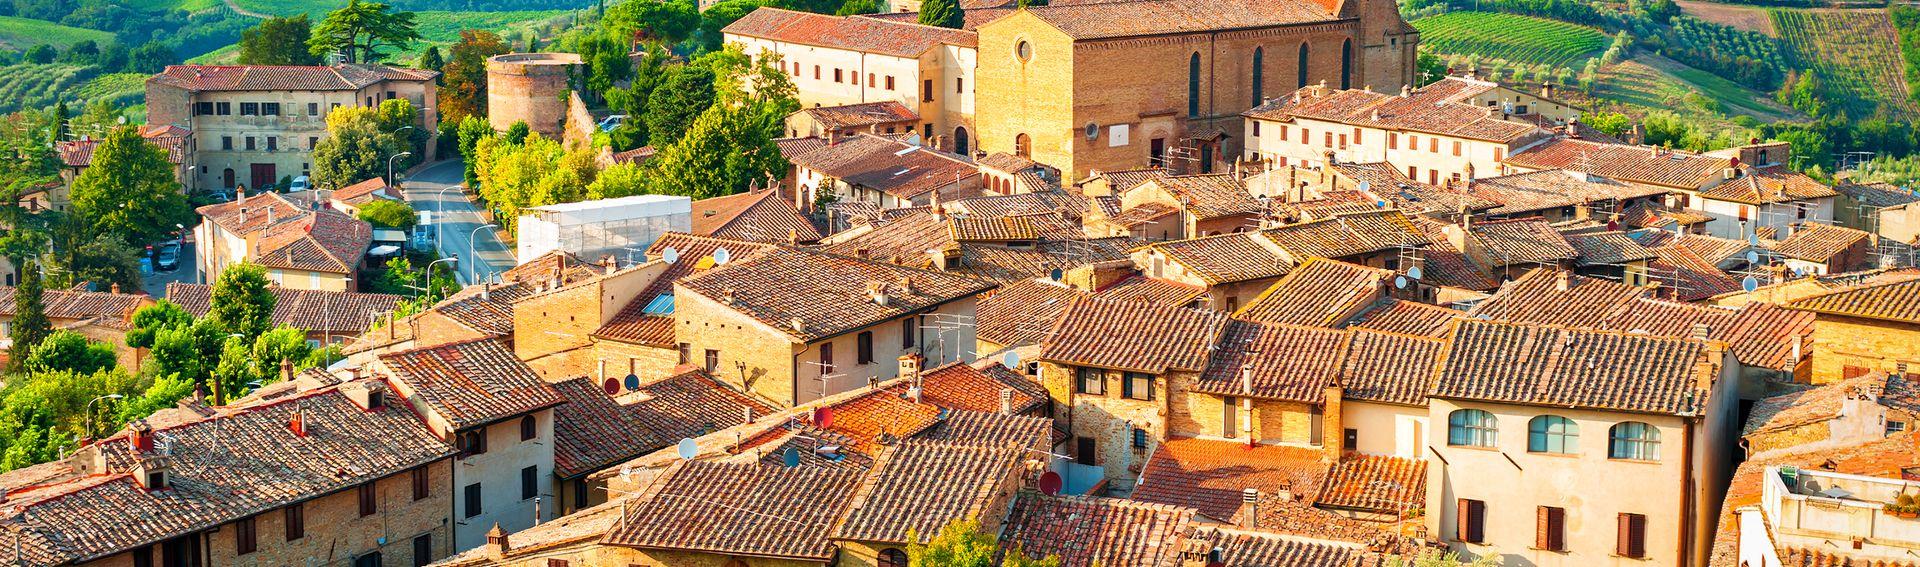 San Gimignano / Volterra